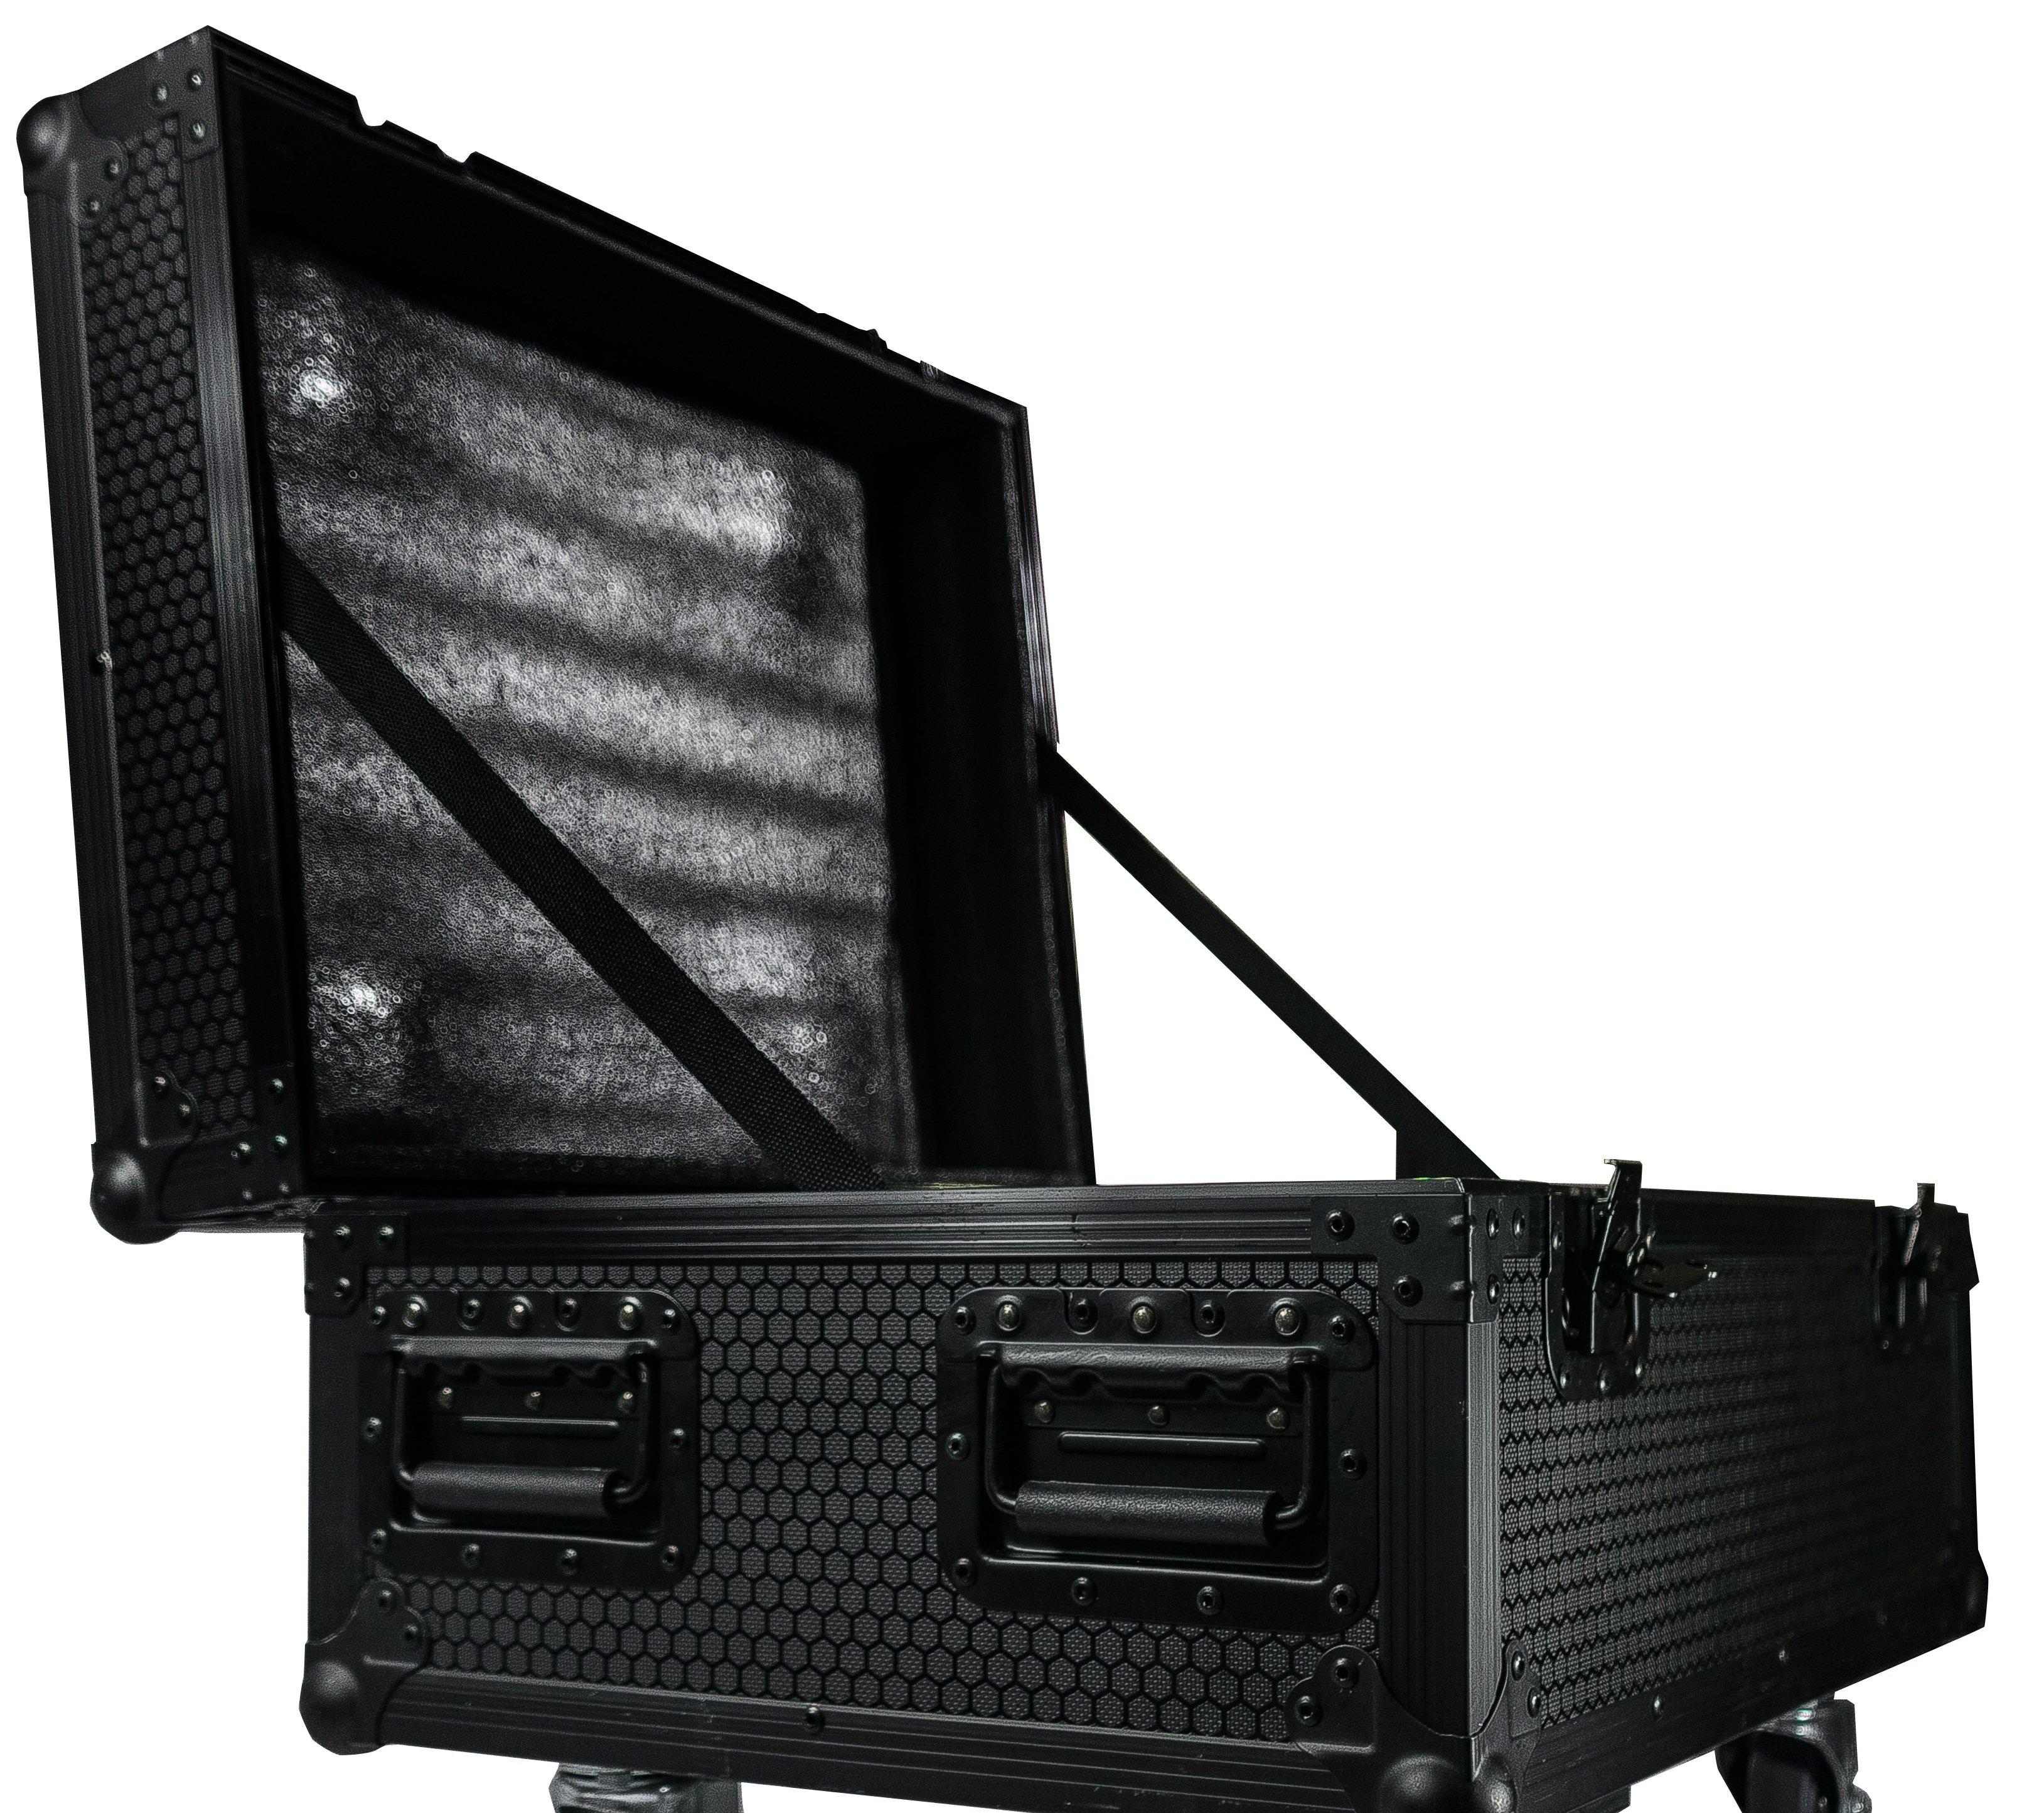 jmaz-4-unit-road-case-firestorm-f3.jpeg